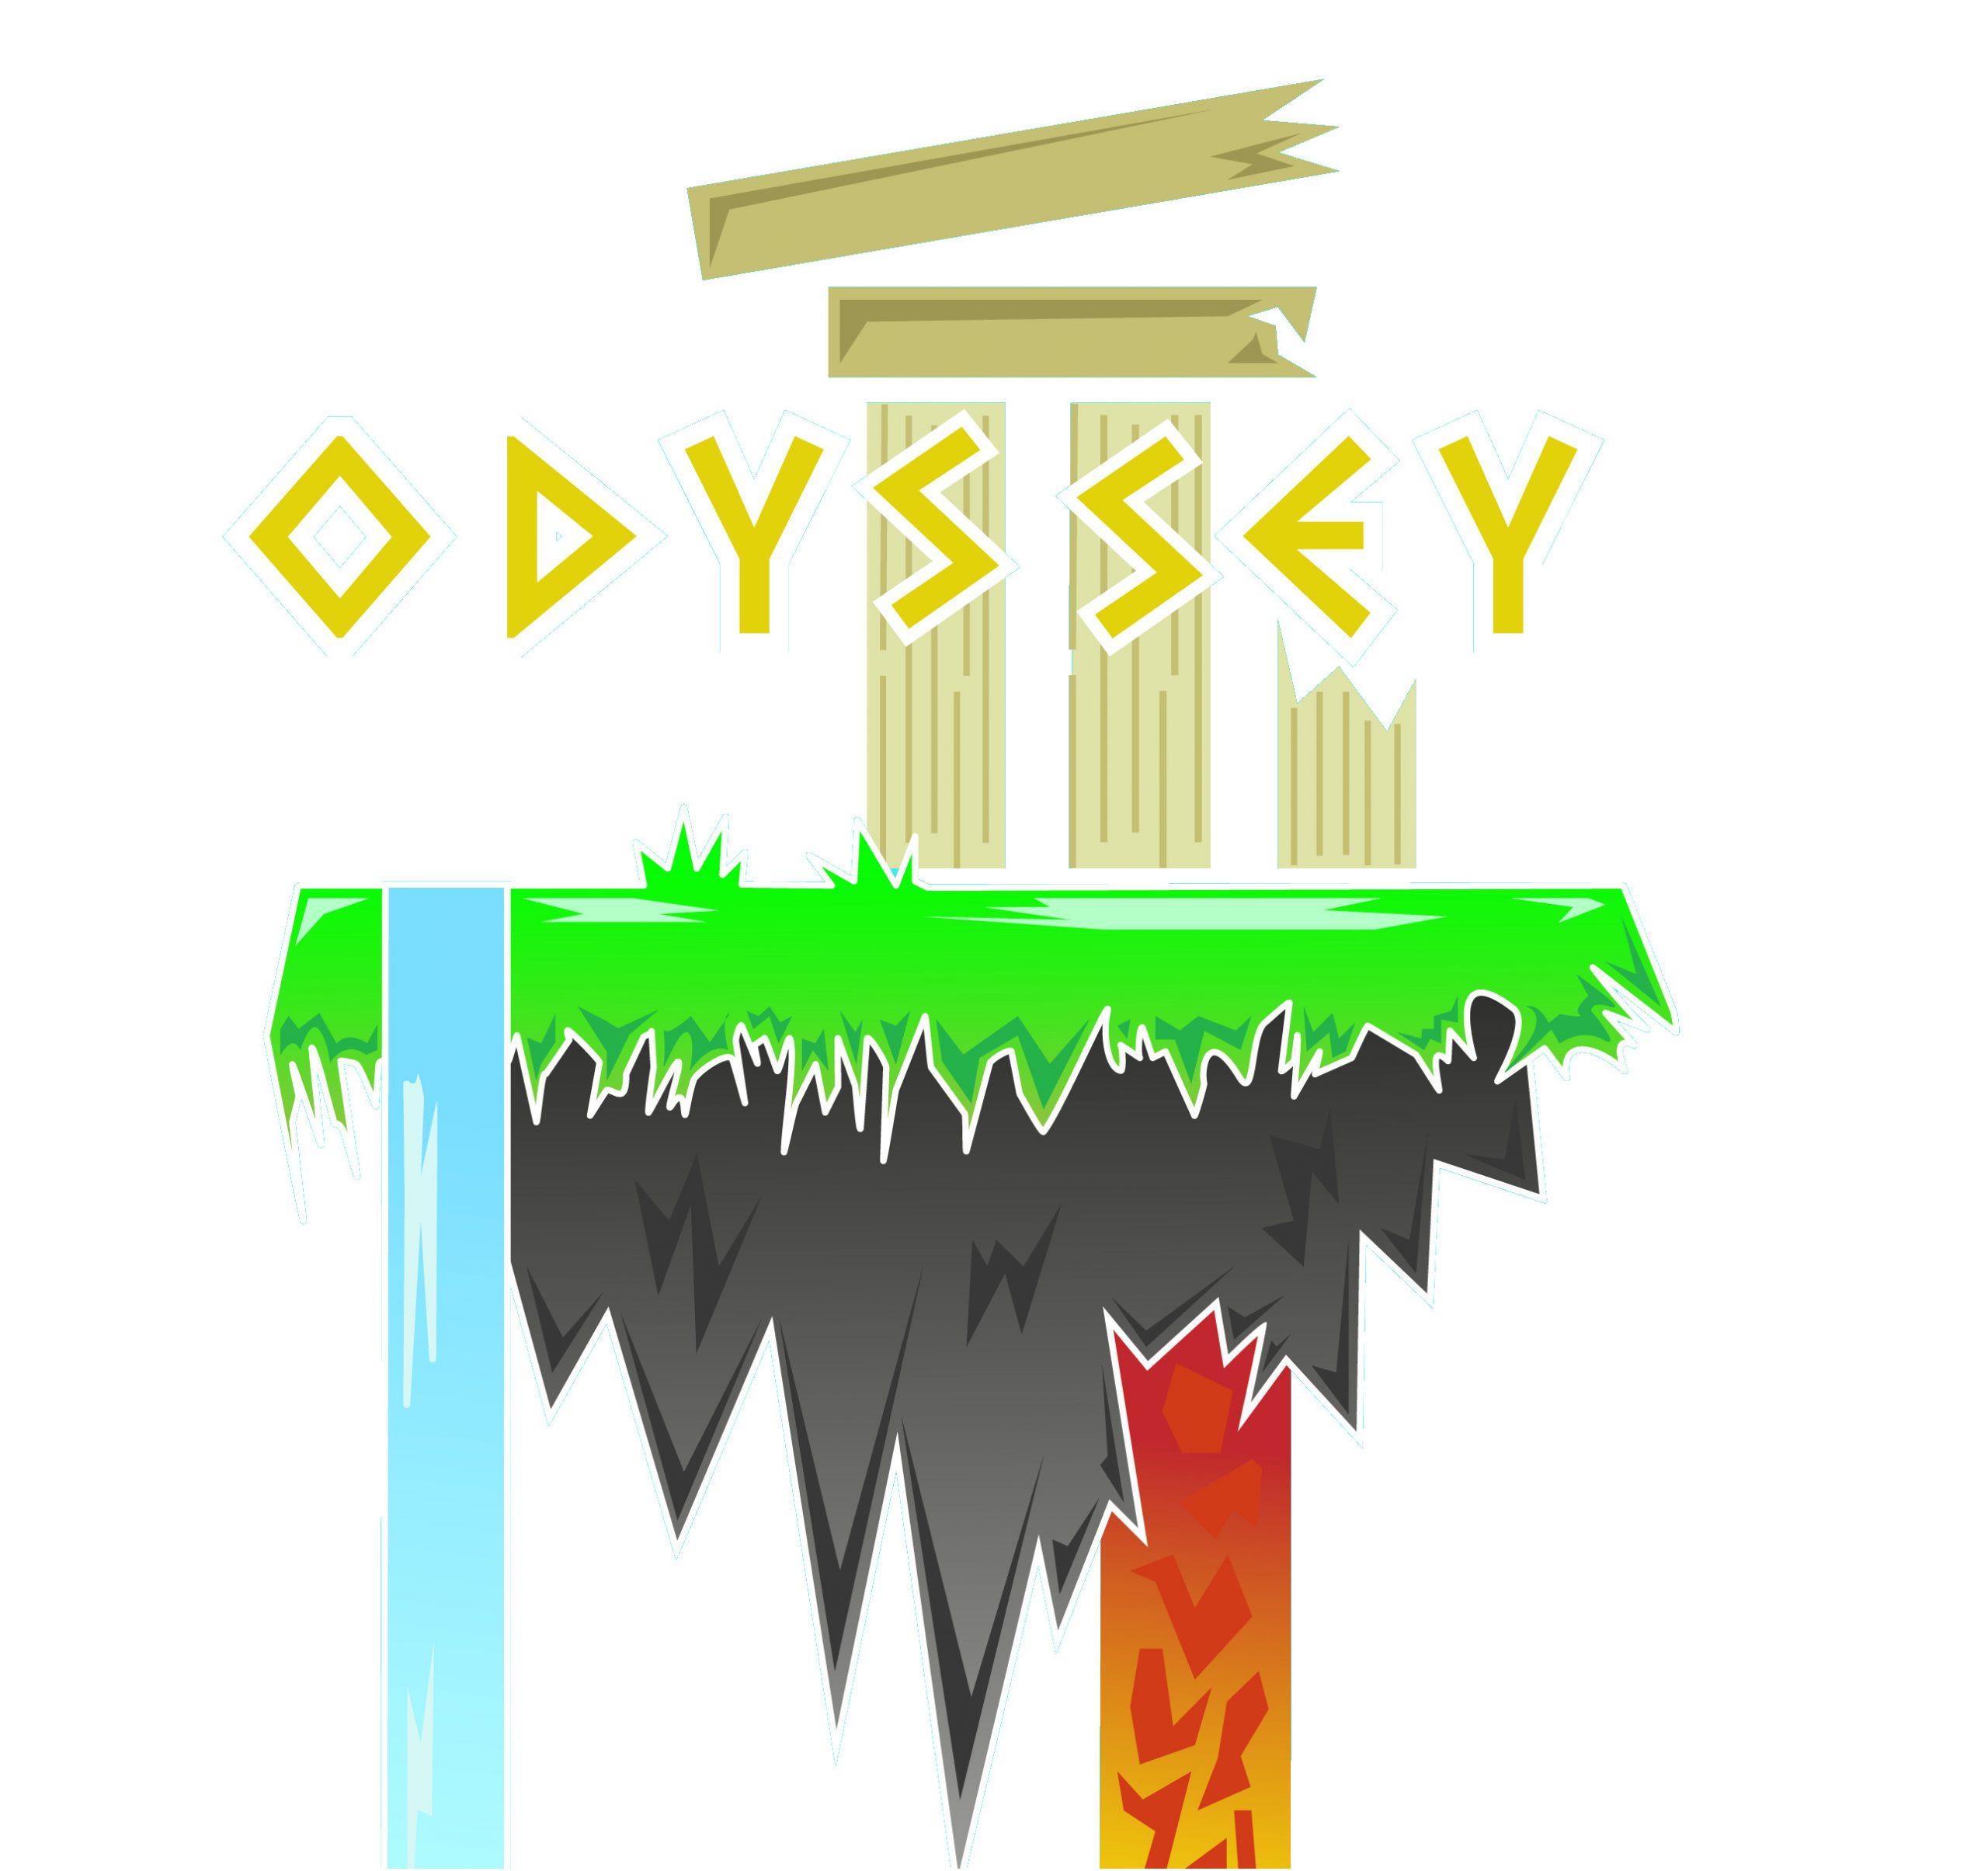 logo_odyssey - Copie (1).jpg